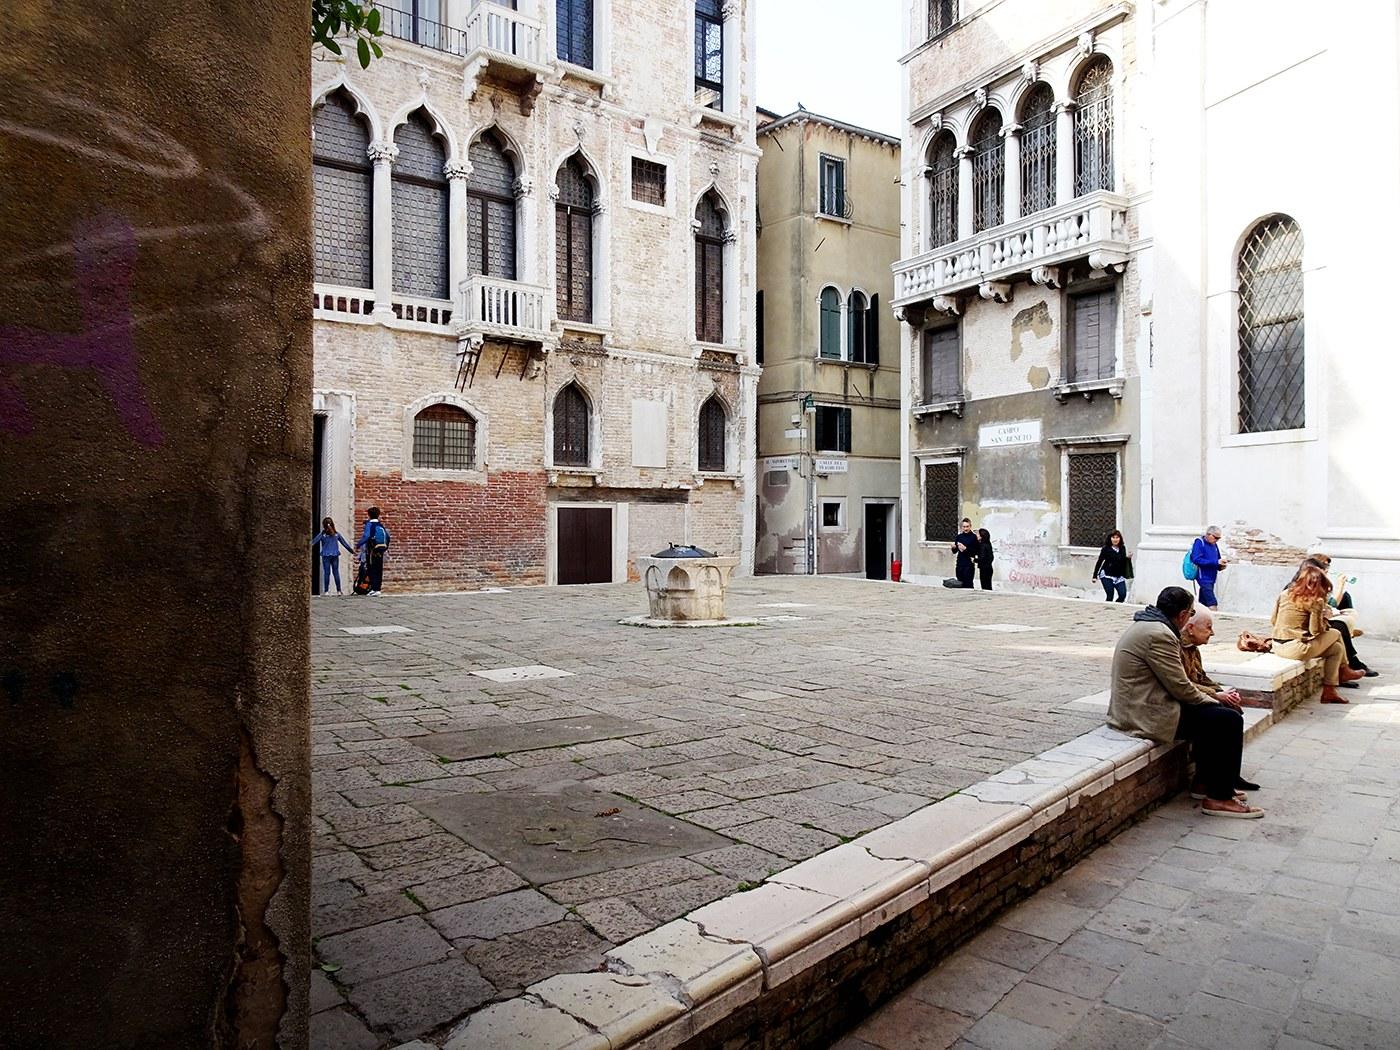 Scarpa in Venice